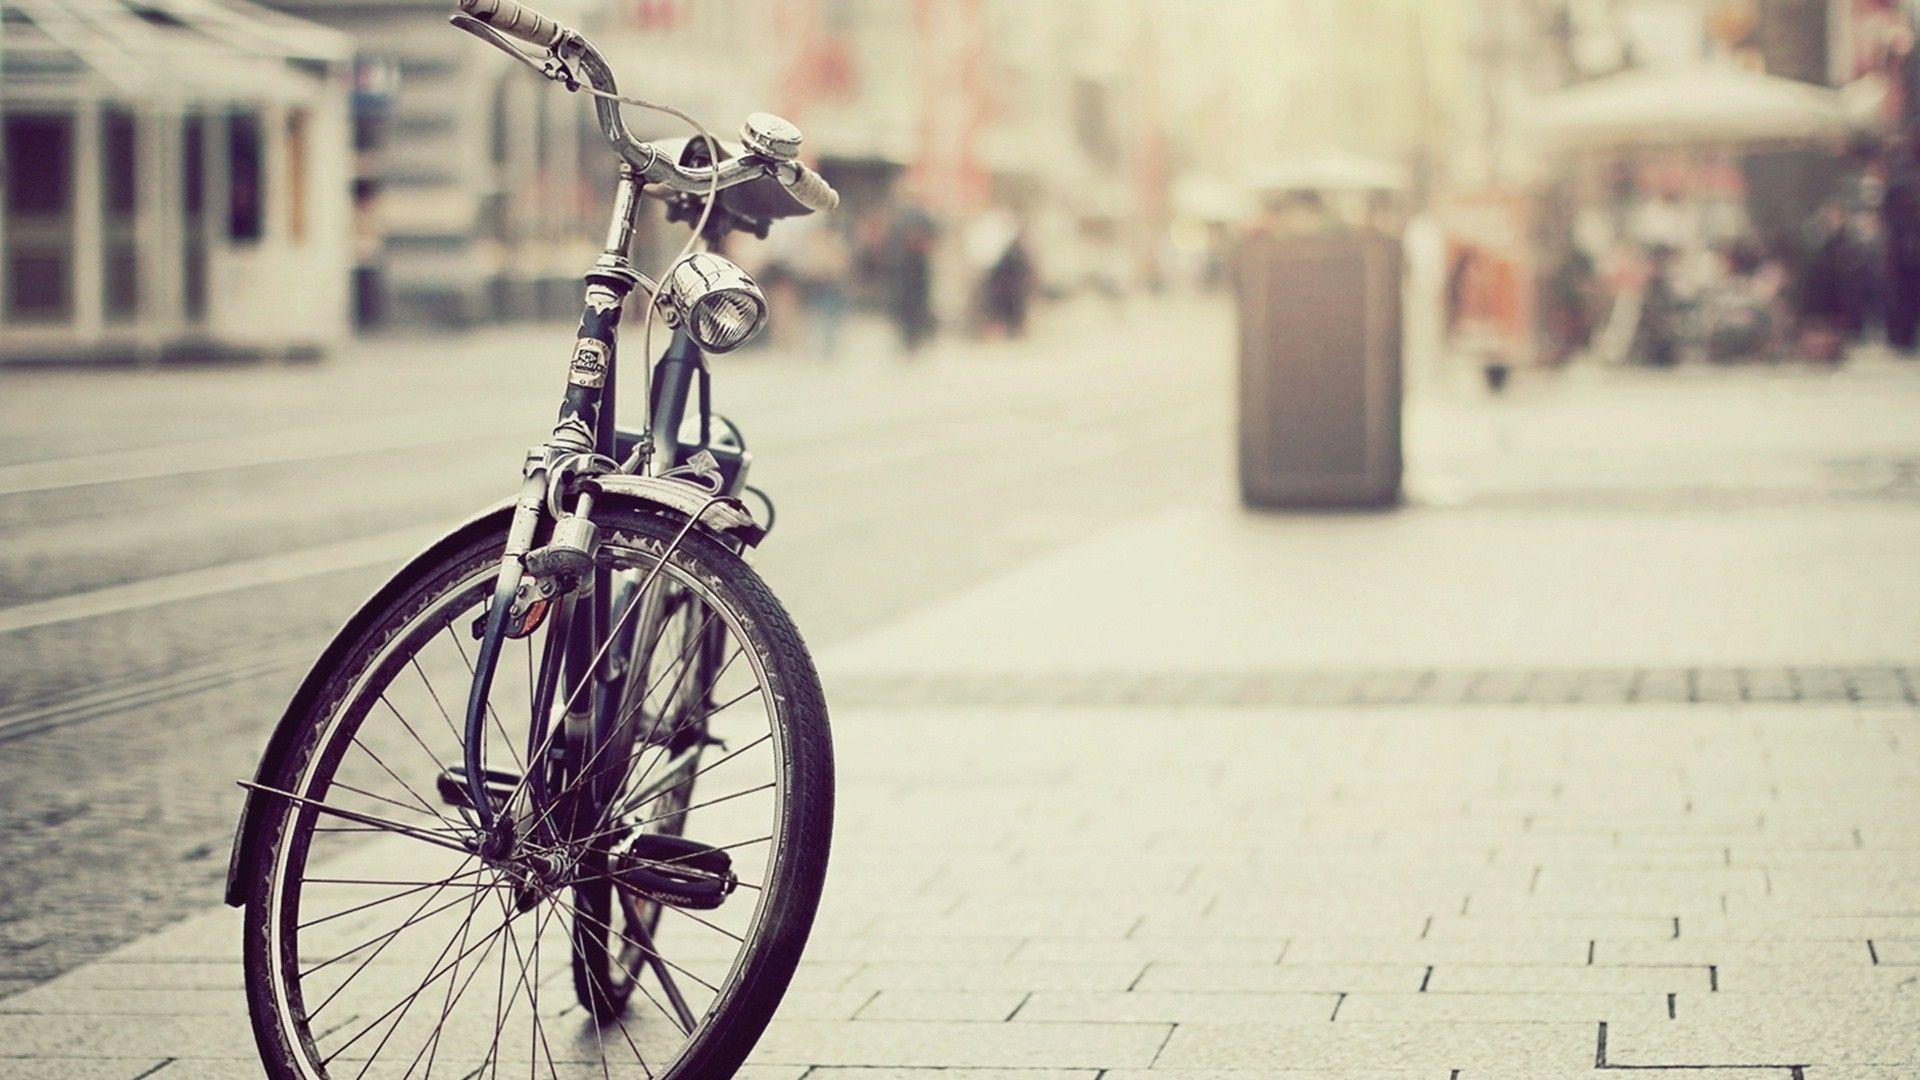 Vintage Bicycle Wallpapers Photo Is 4k Wallpaper Bicycle Bicycle Wallpaper Old Bicycle